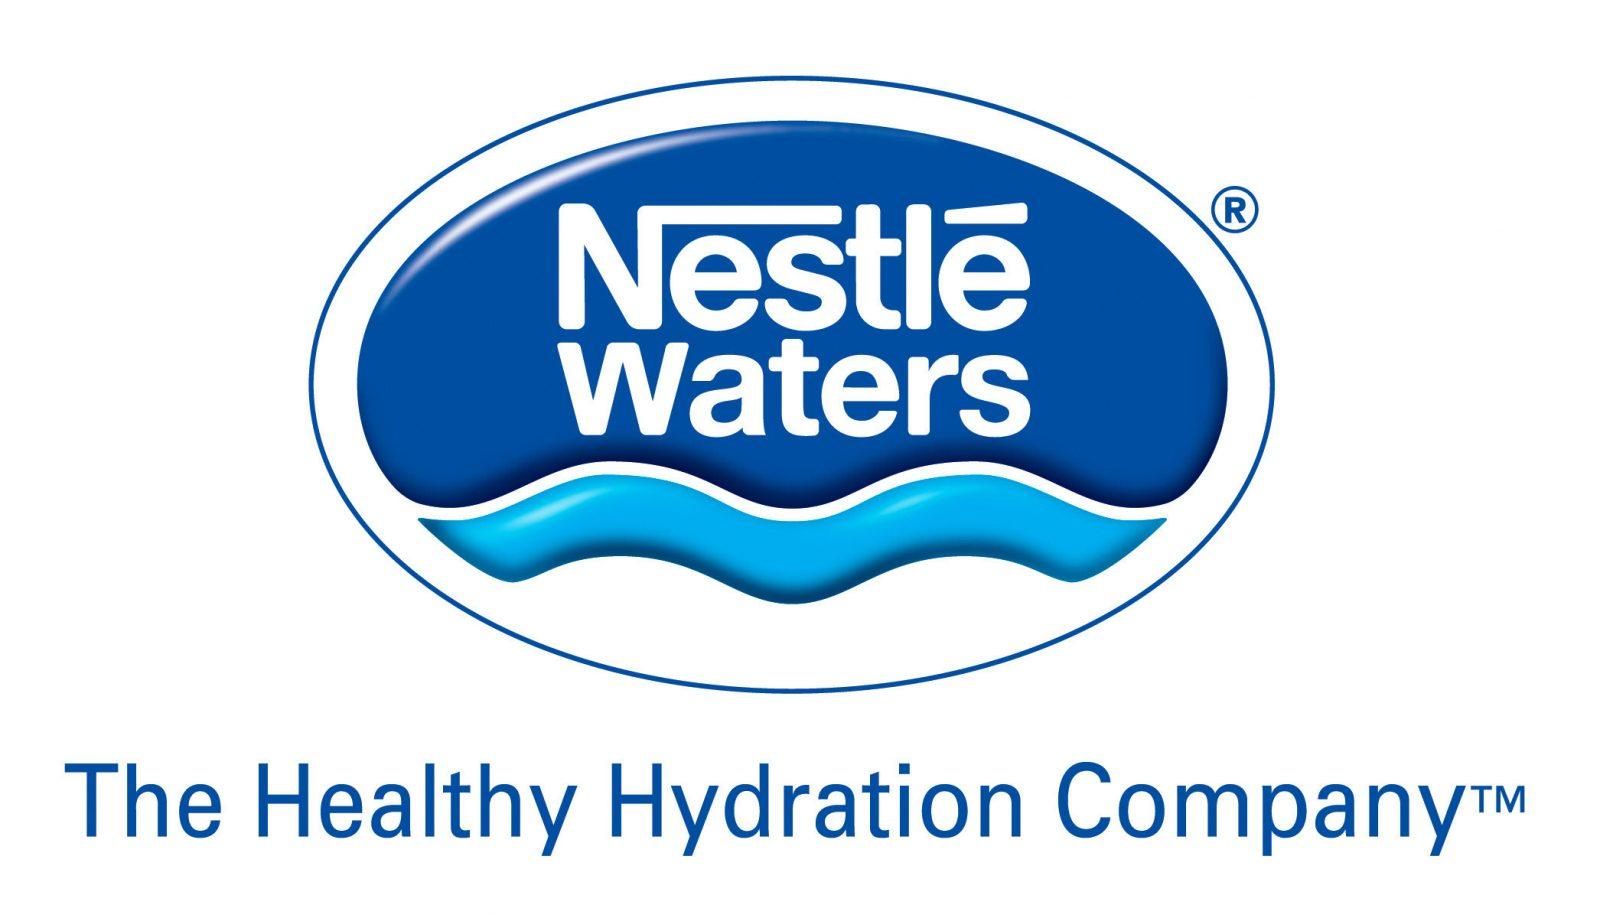 I Risultati Nestlè Waters 2016: con un fatturato di 7,9 ...